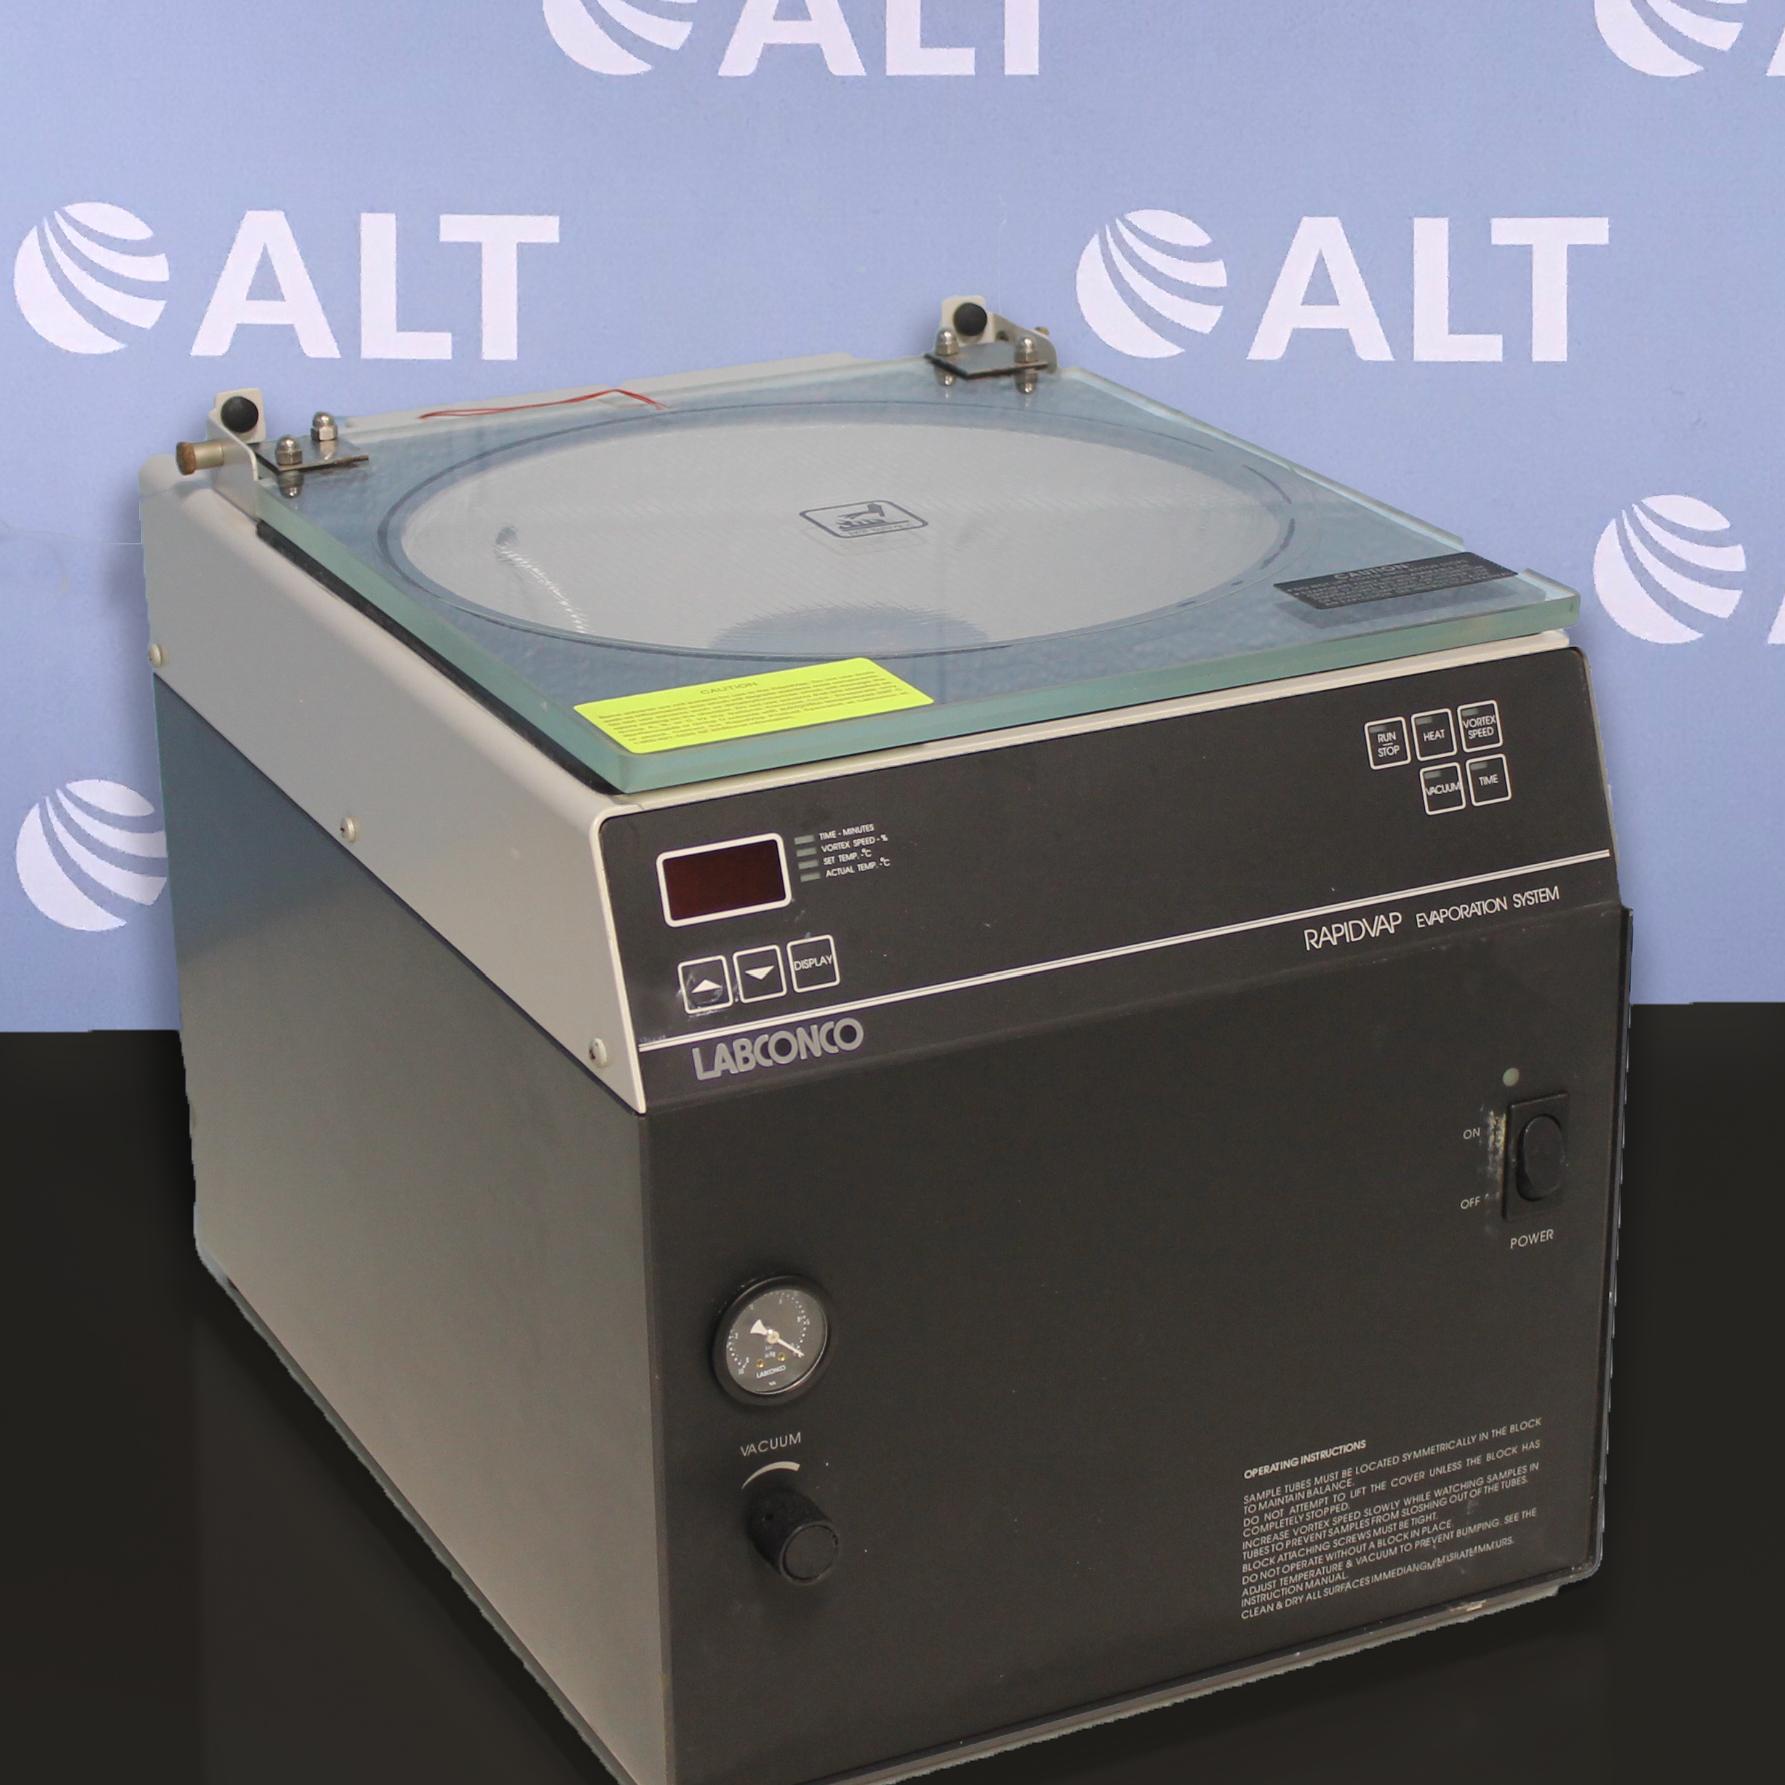 Labconco RapidVap Evaporation System Image